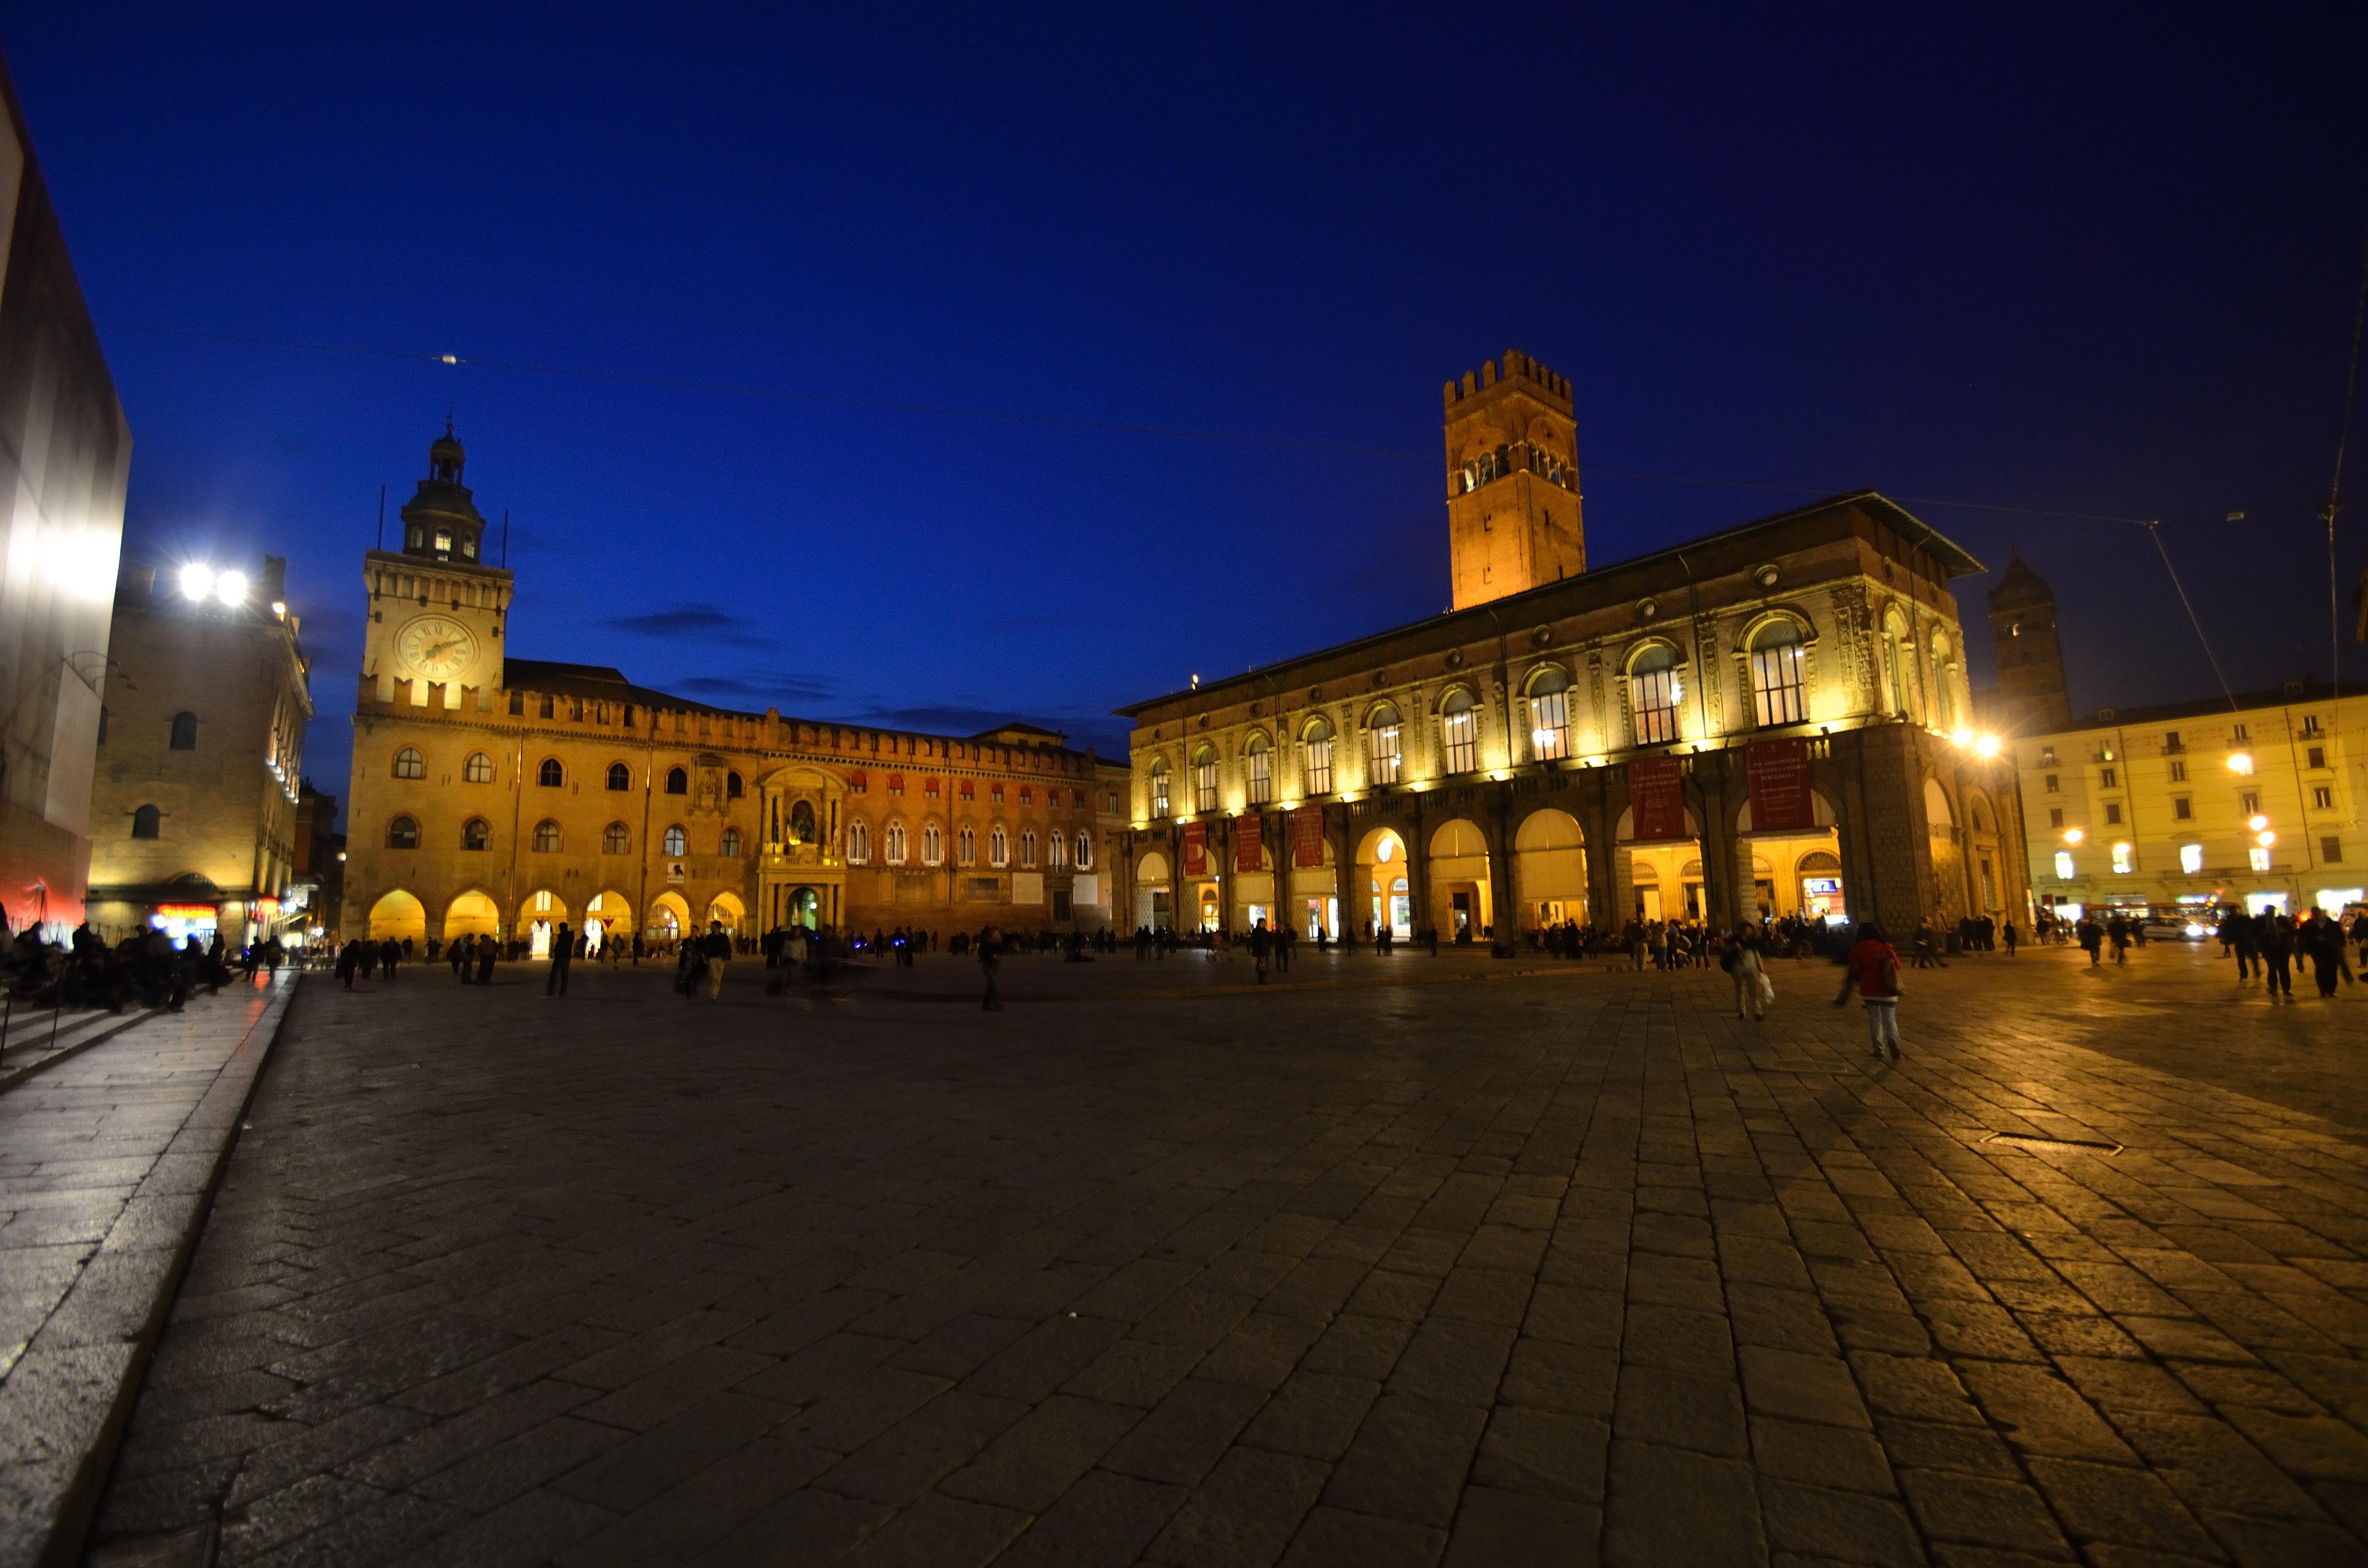 Piazza Della Misura Forli.File Piazza Maggiore Notturna Jpg Wikimedia Commons